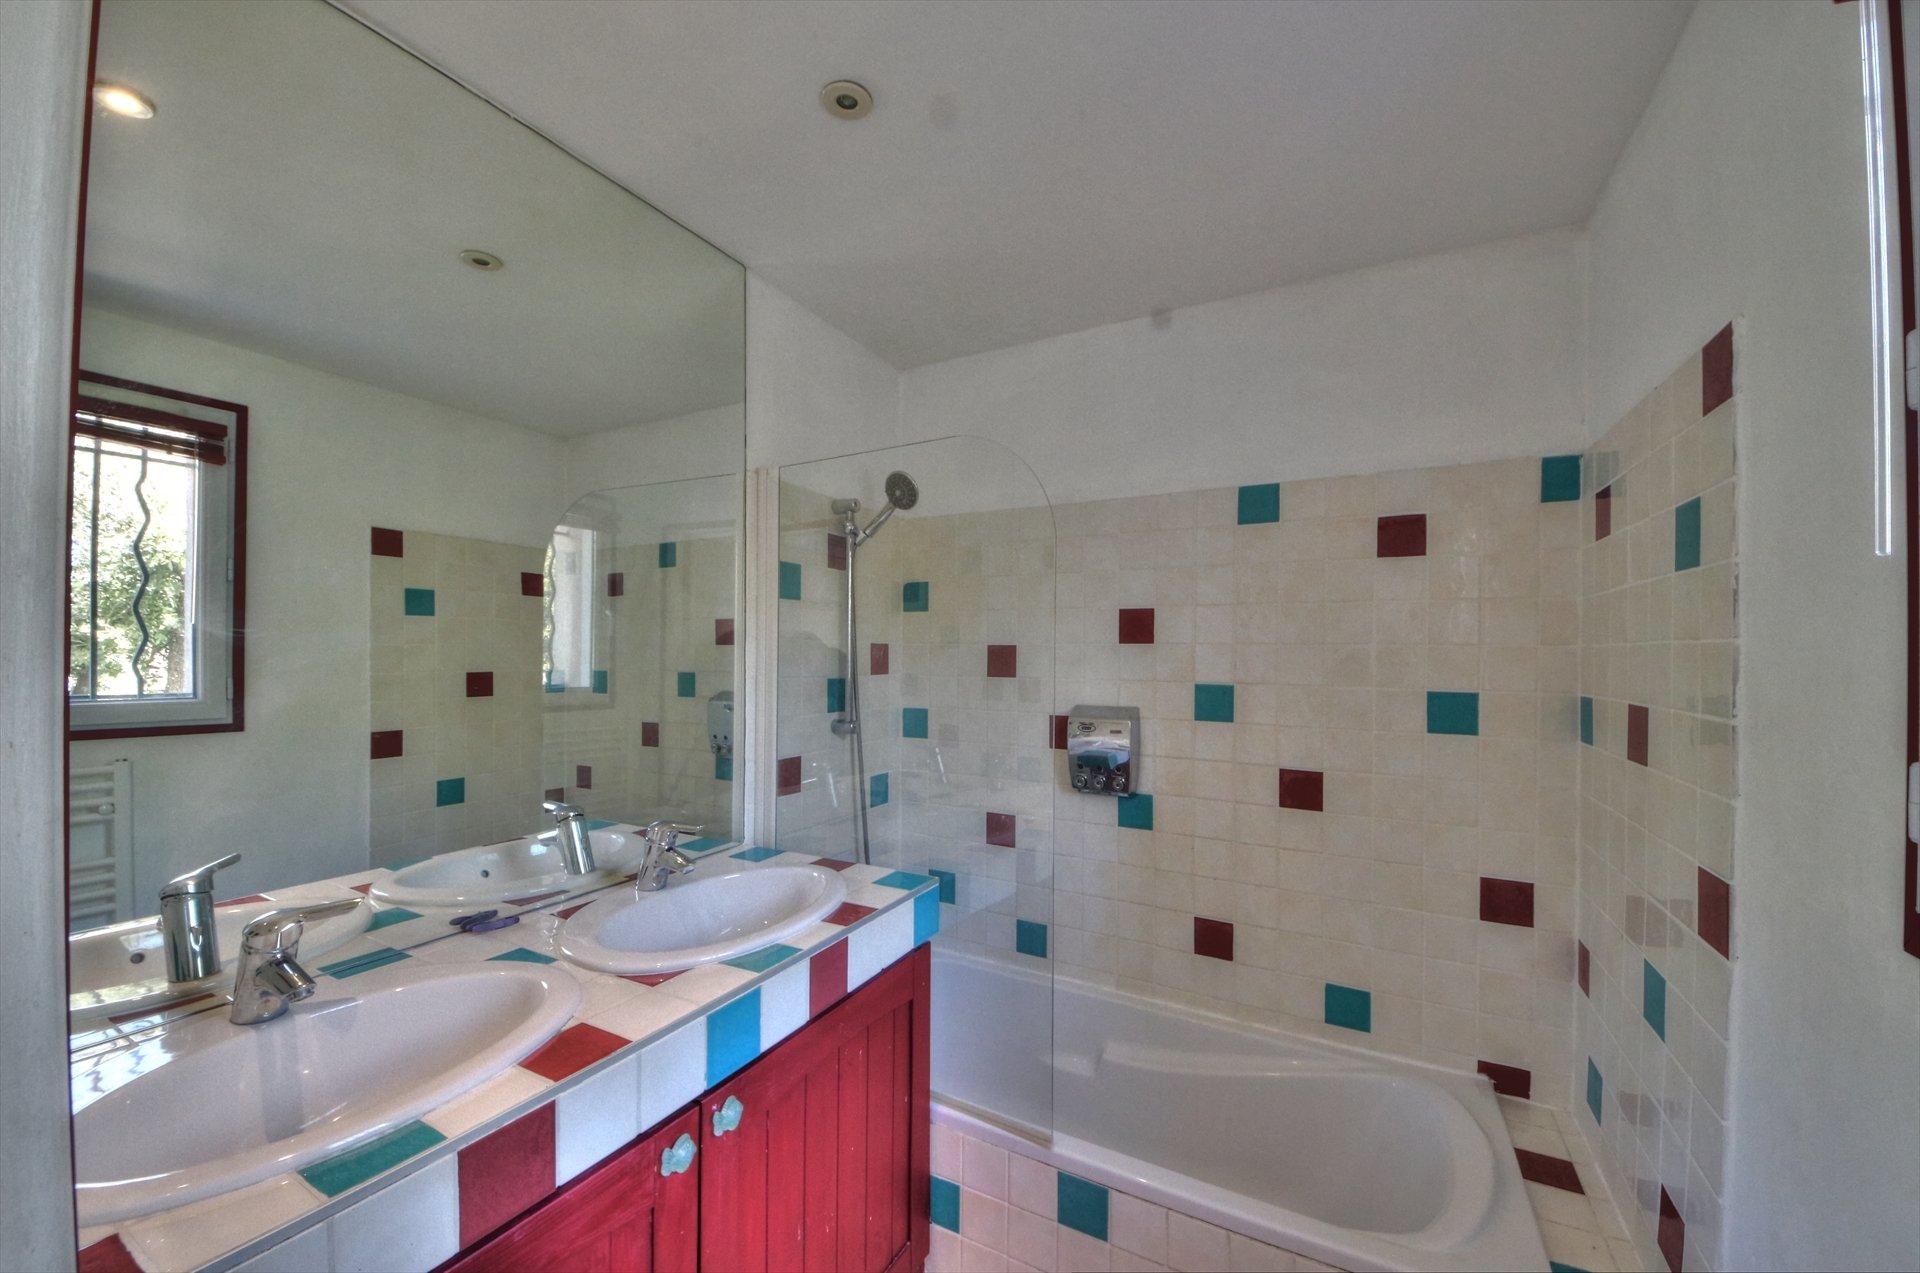 Salle de bain de l'étage - maison lumineuse et proche du village